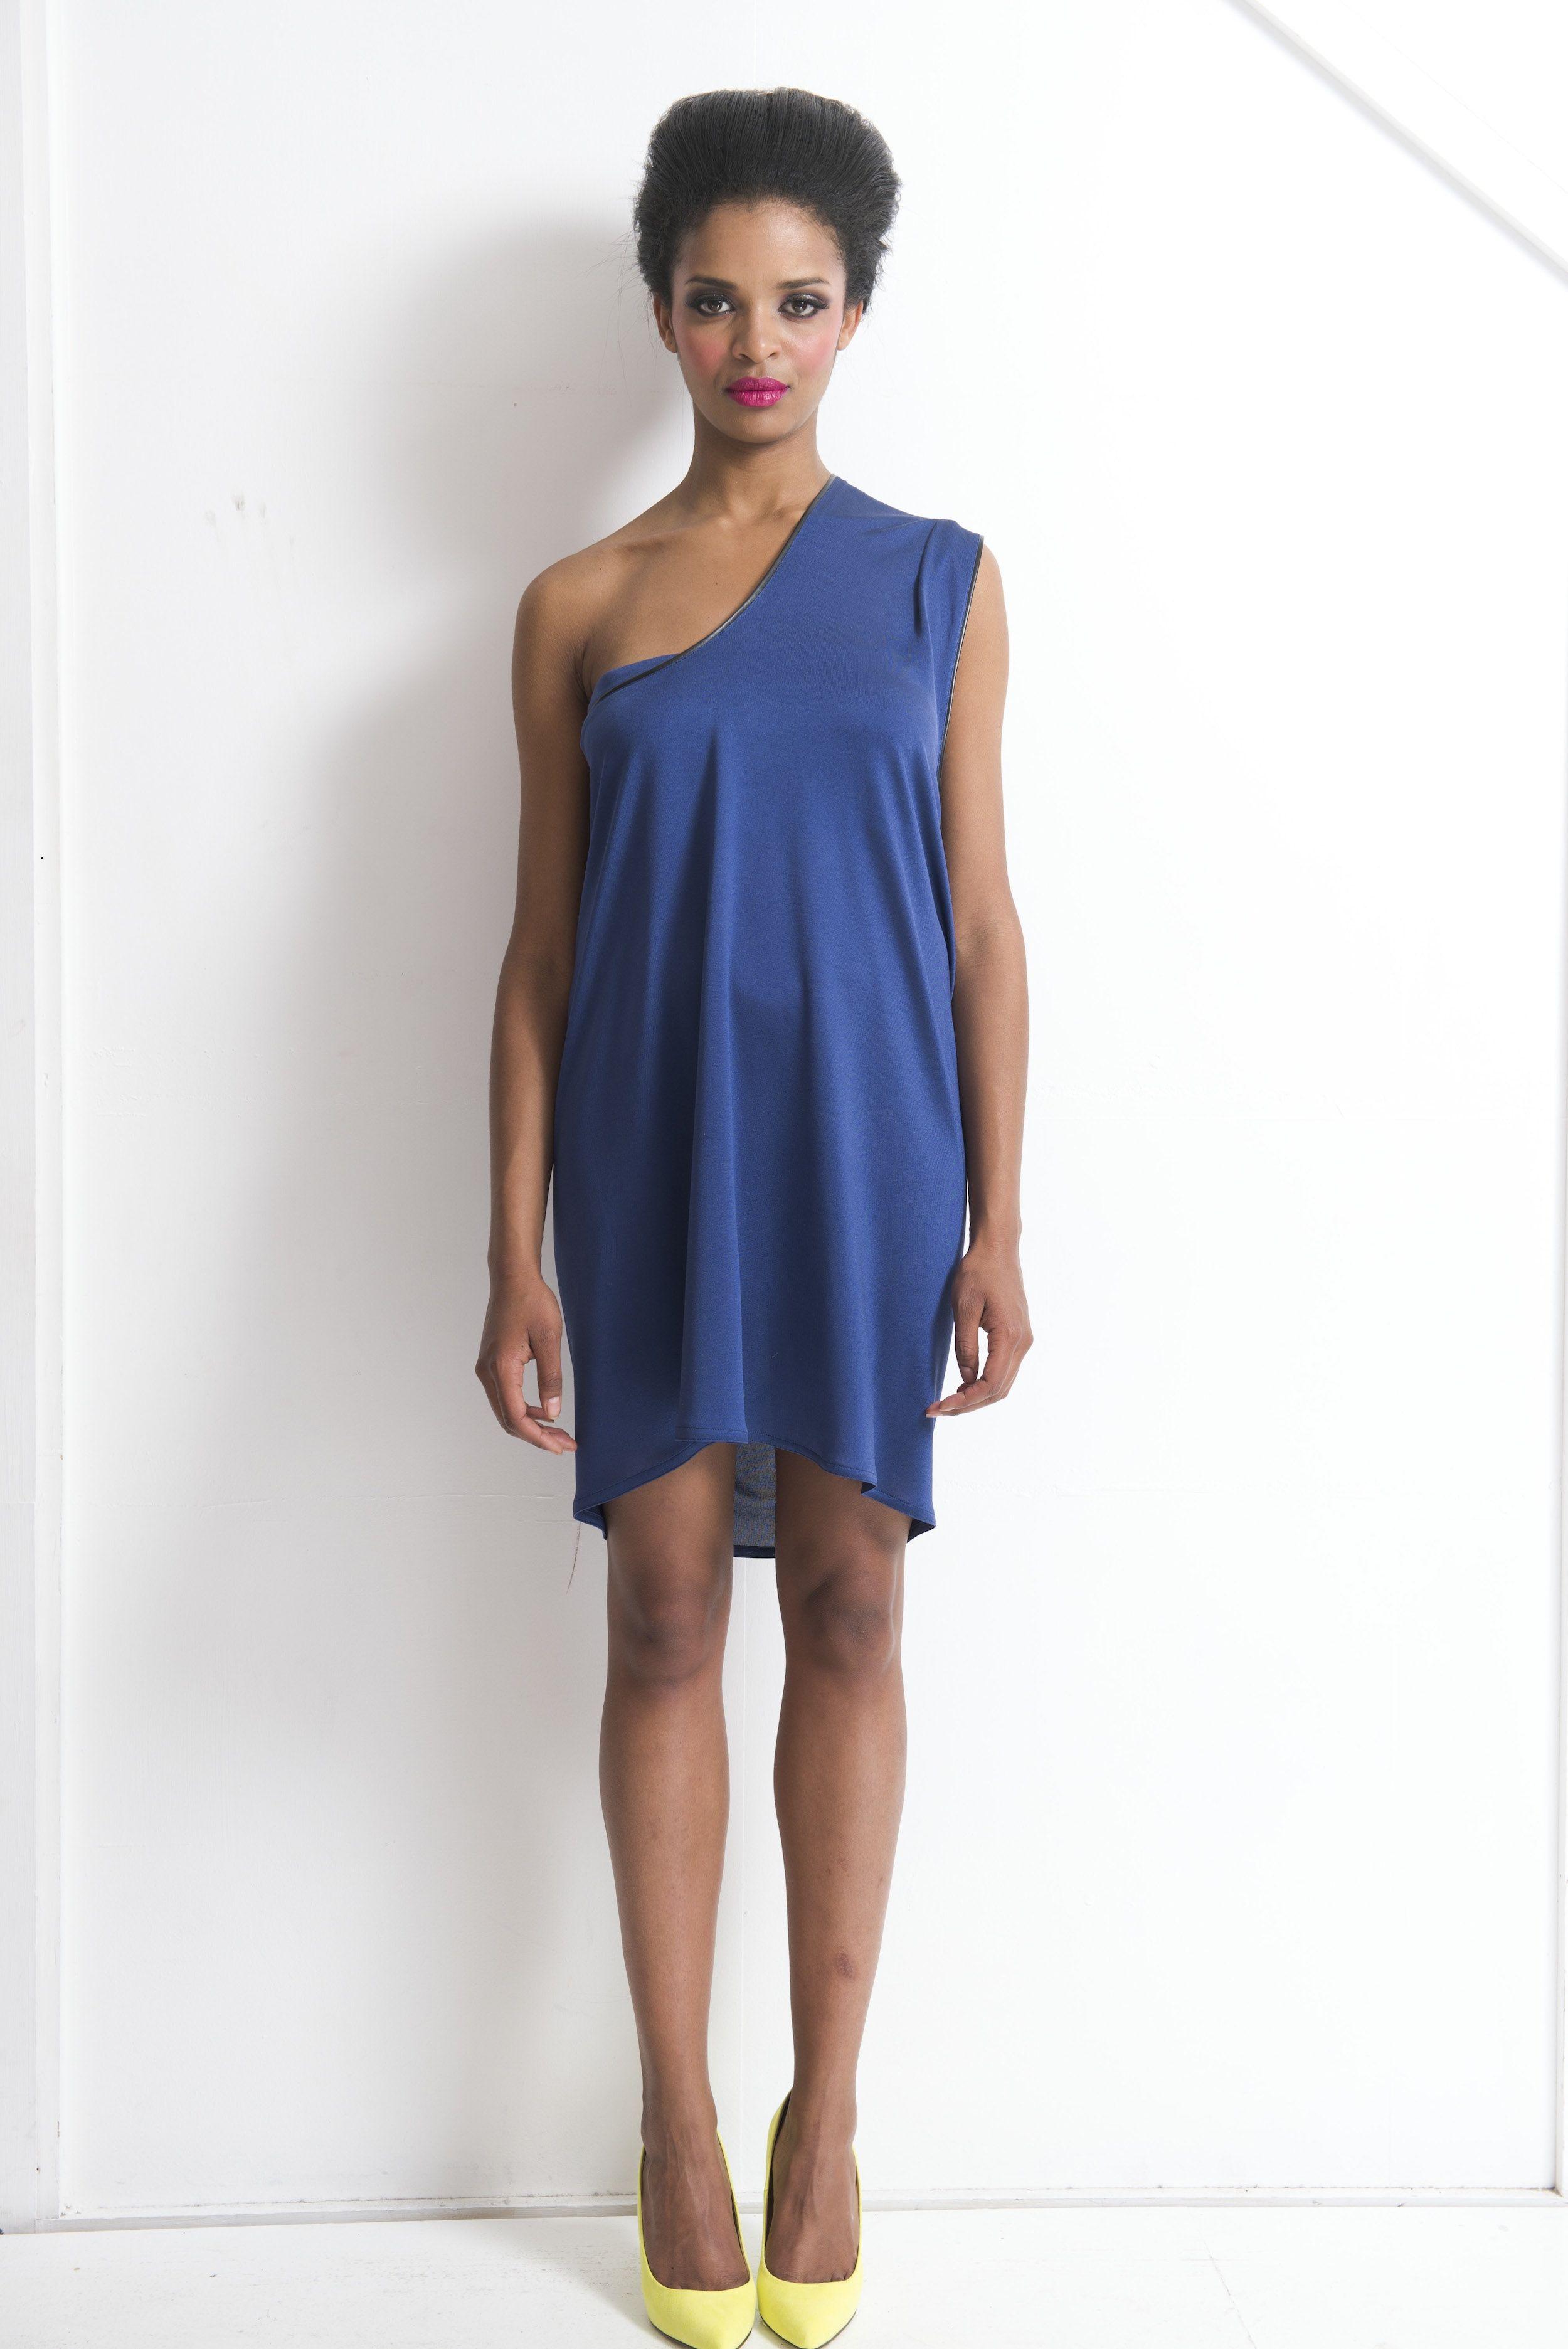 Athens Silk Jersey Leather Dress Fashion Ascot Regatta Asymmetric